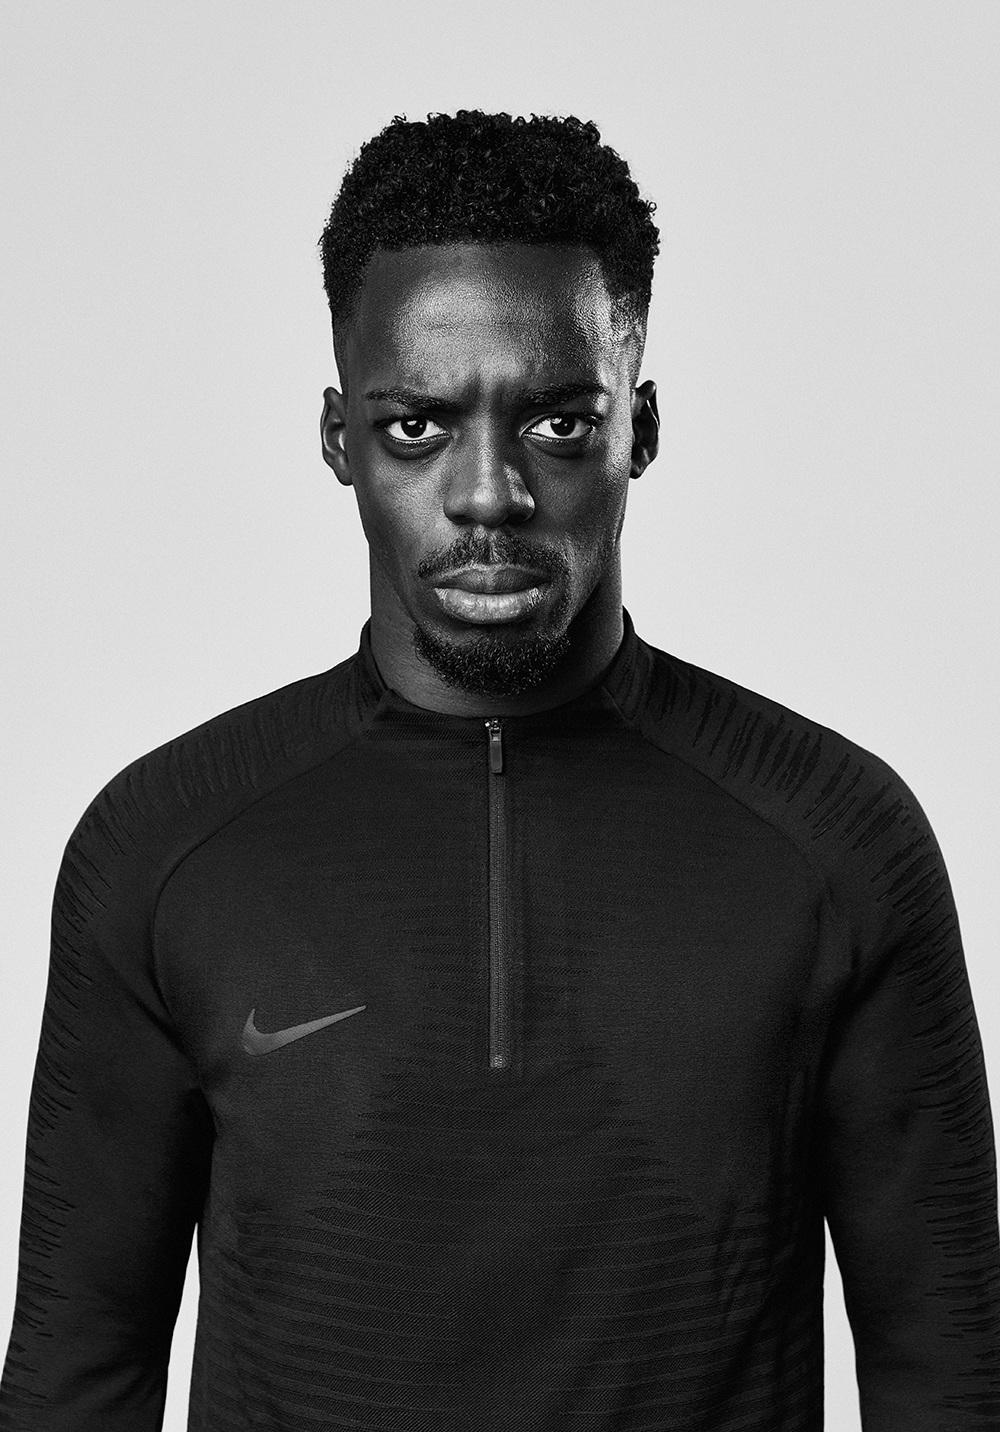 salida detallado 50% rebajado Nike Football - Blua